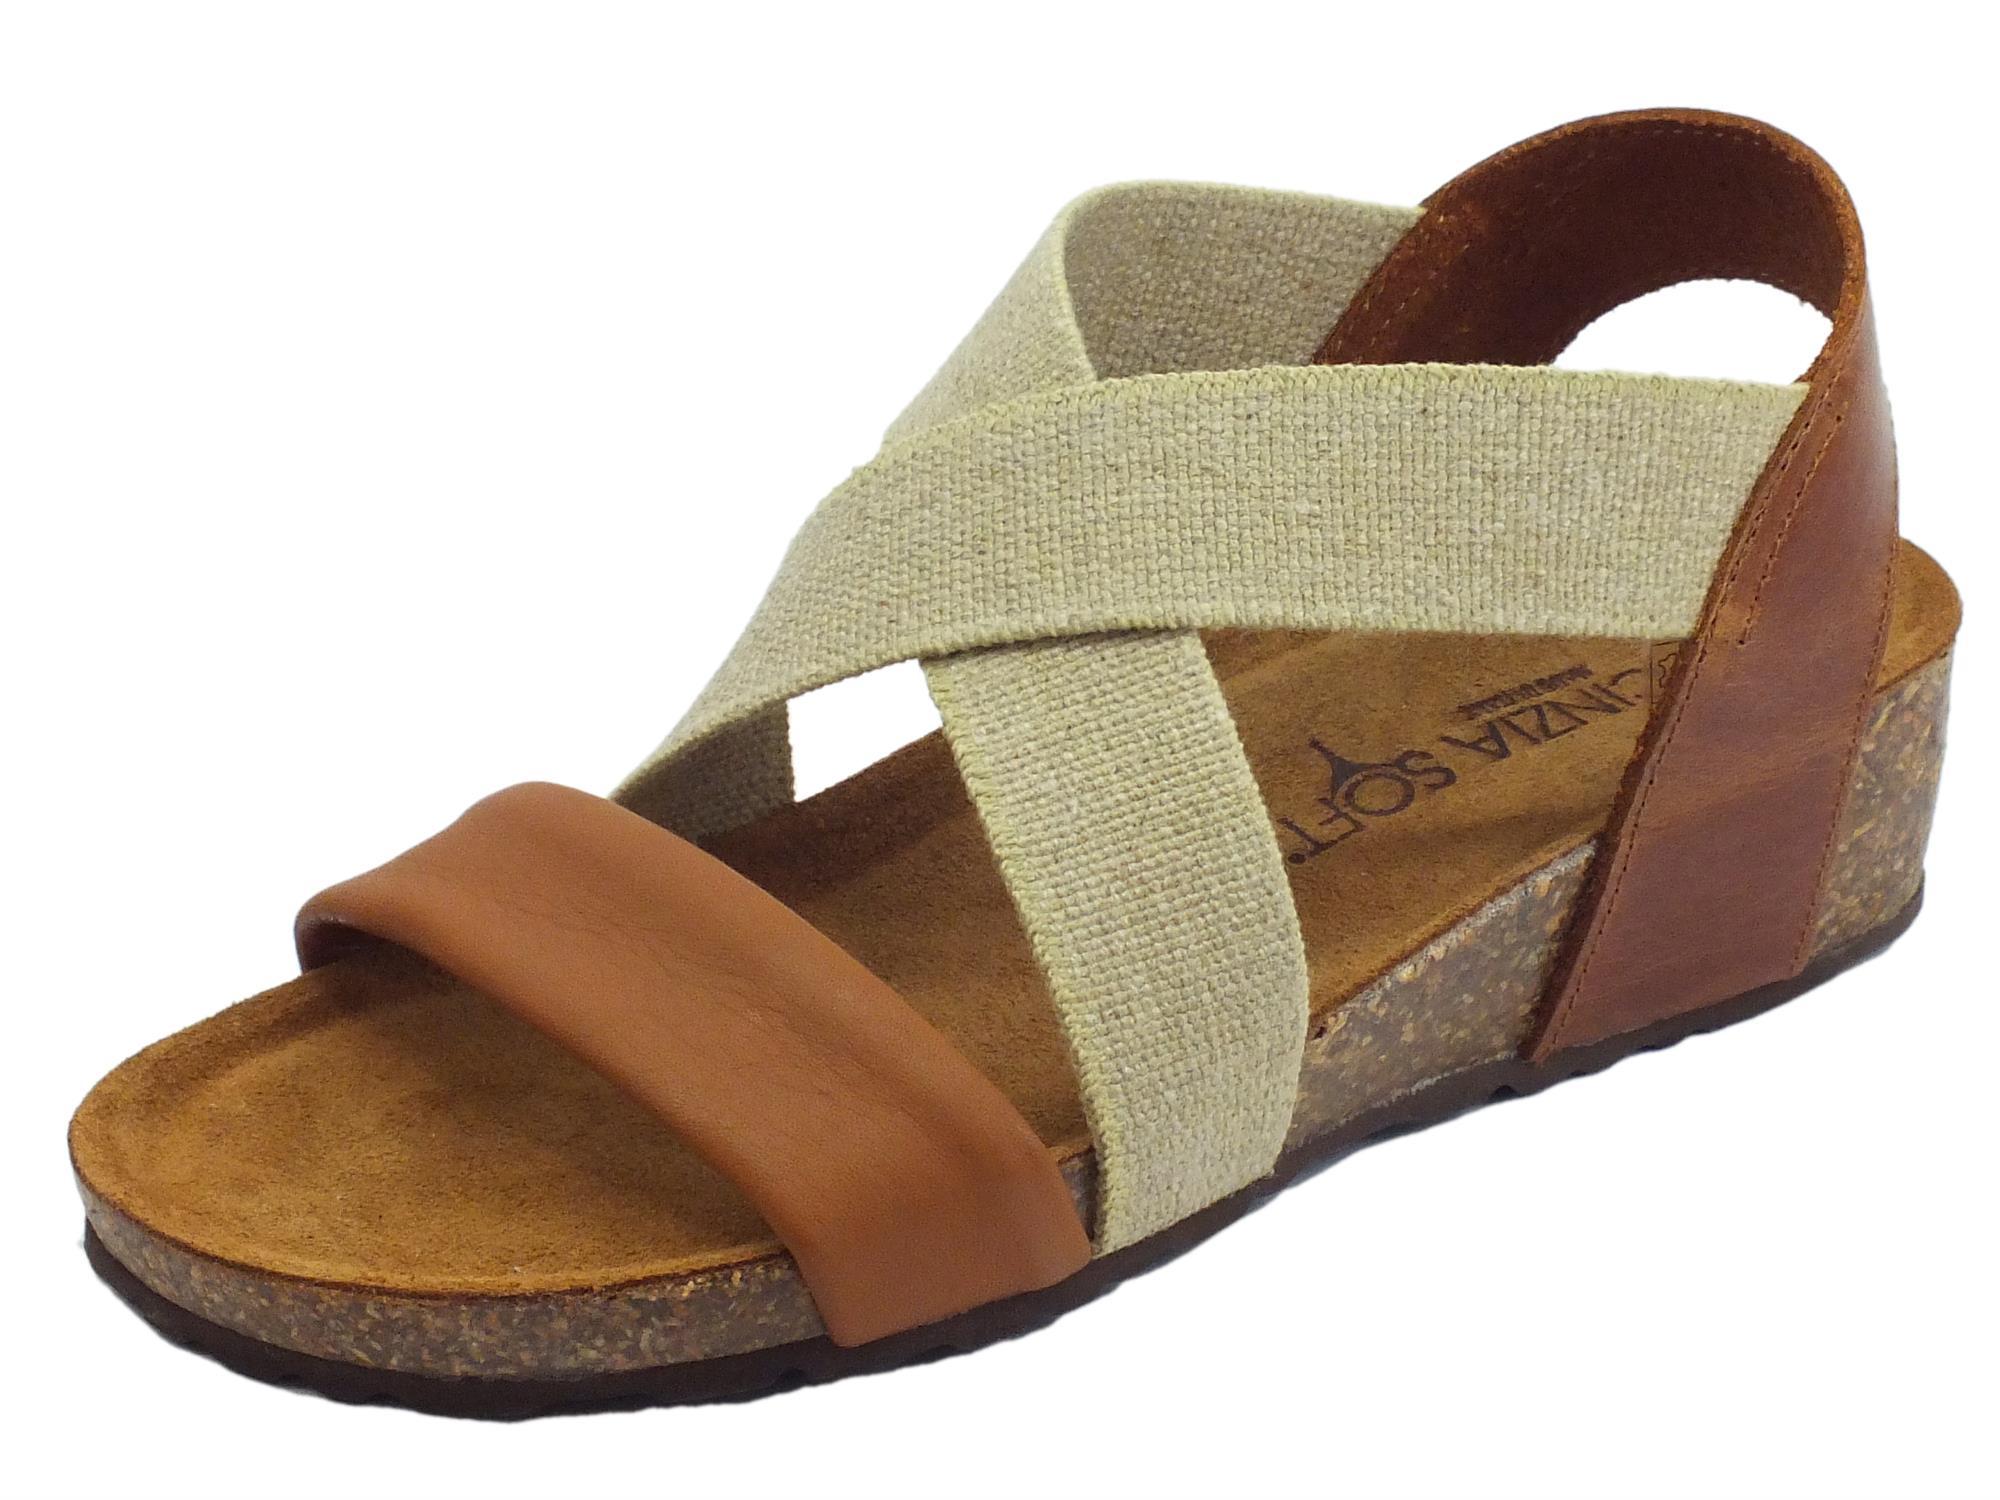 buona qualità cerca l'autorizzazione stili di moda Cinzia Soft sandali in pelle cognac e cuoio calzata con elastico estetico